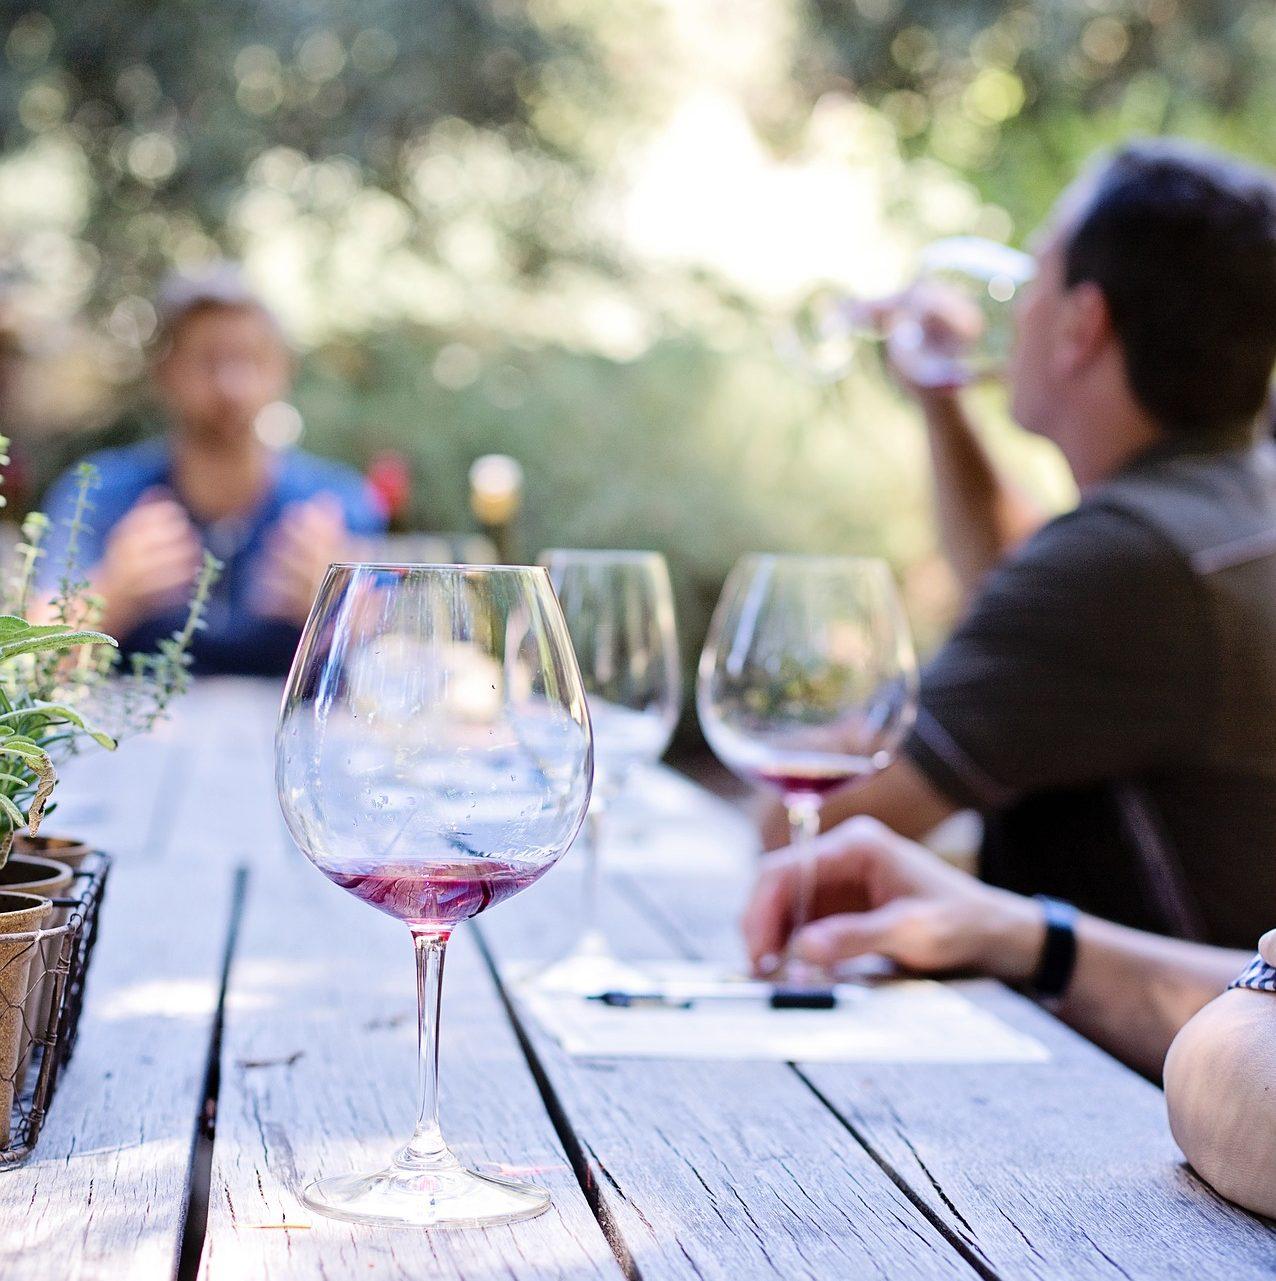 Cata de vinos en Fontanars dels Alforins.